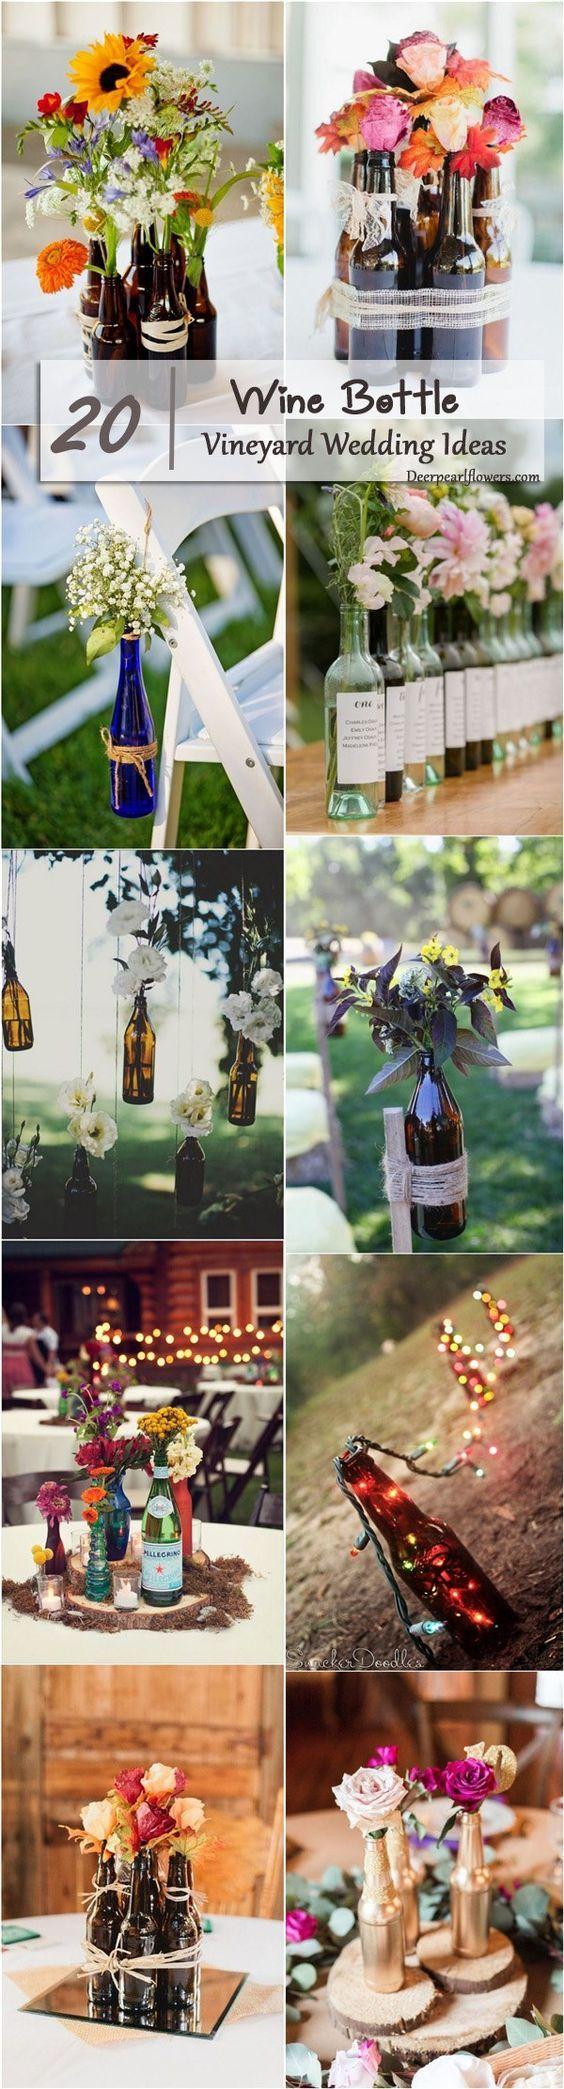 Botella viñedo boda ideas decoración